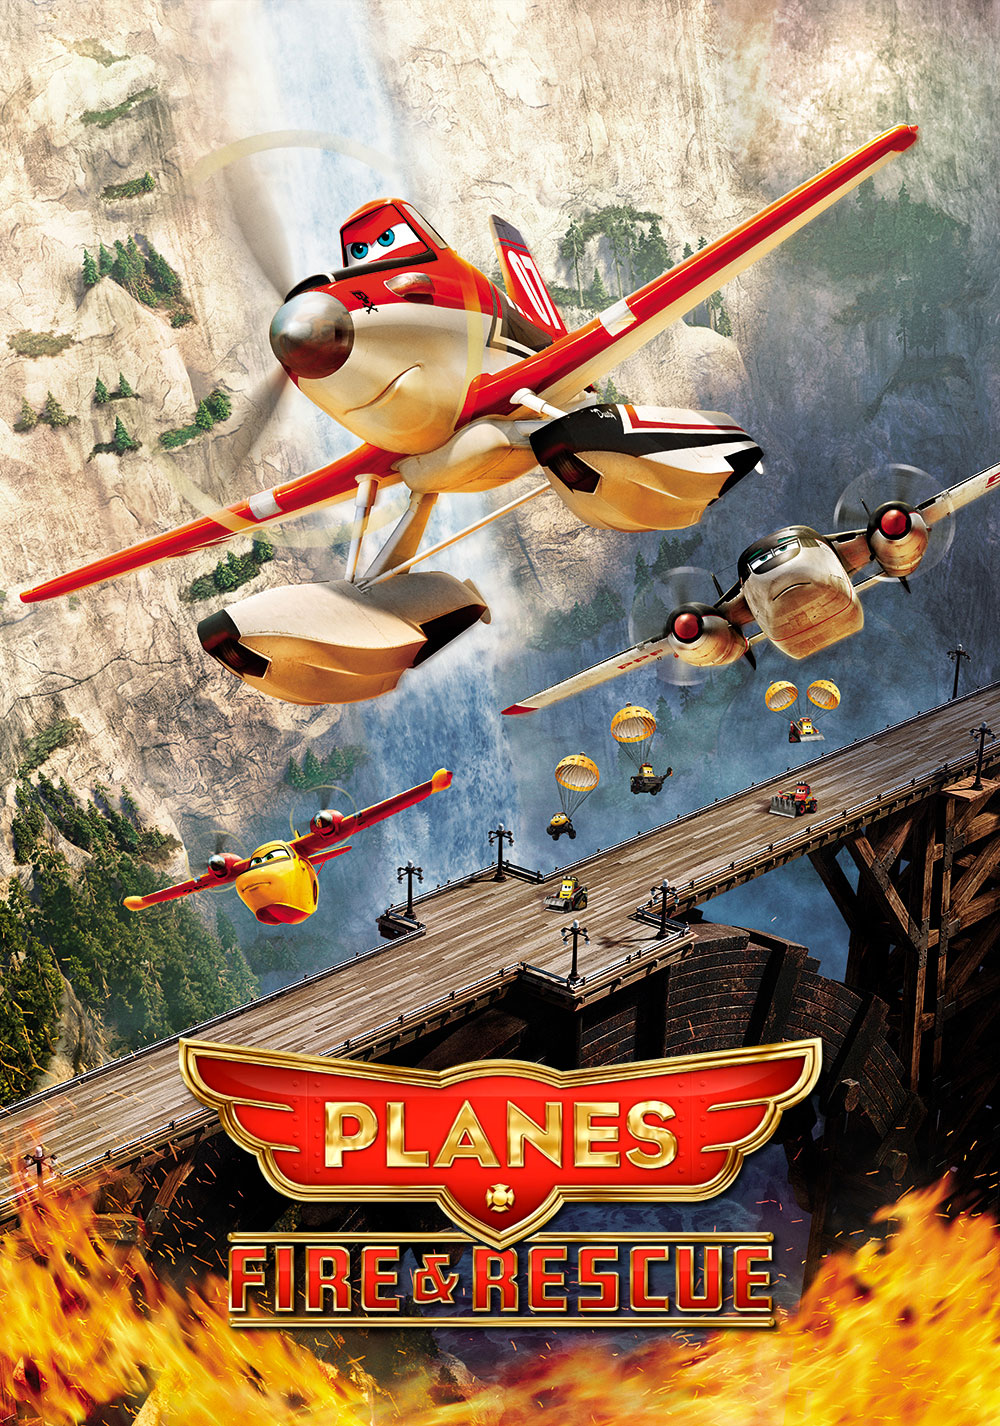 Planes: Fire & Rescue 2014 online anschauen und downloaden ... Planes Movie Poster